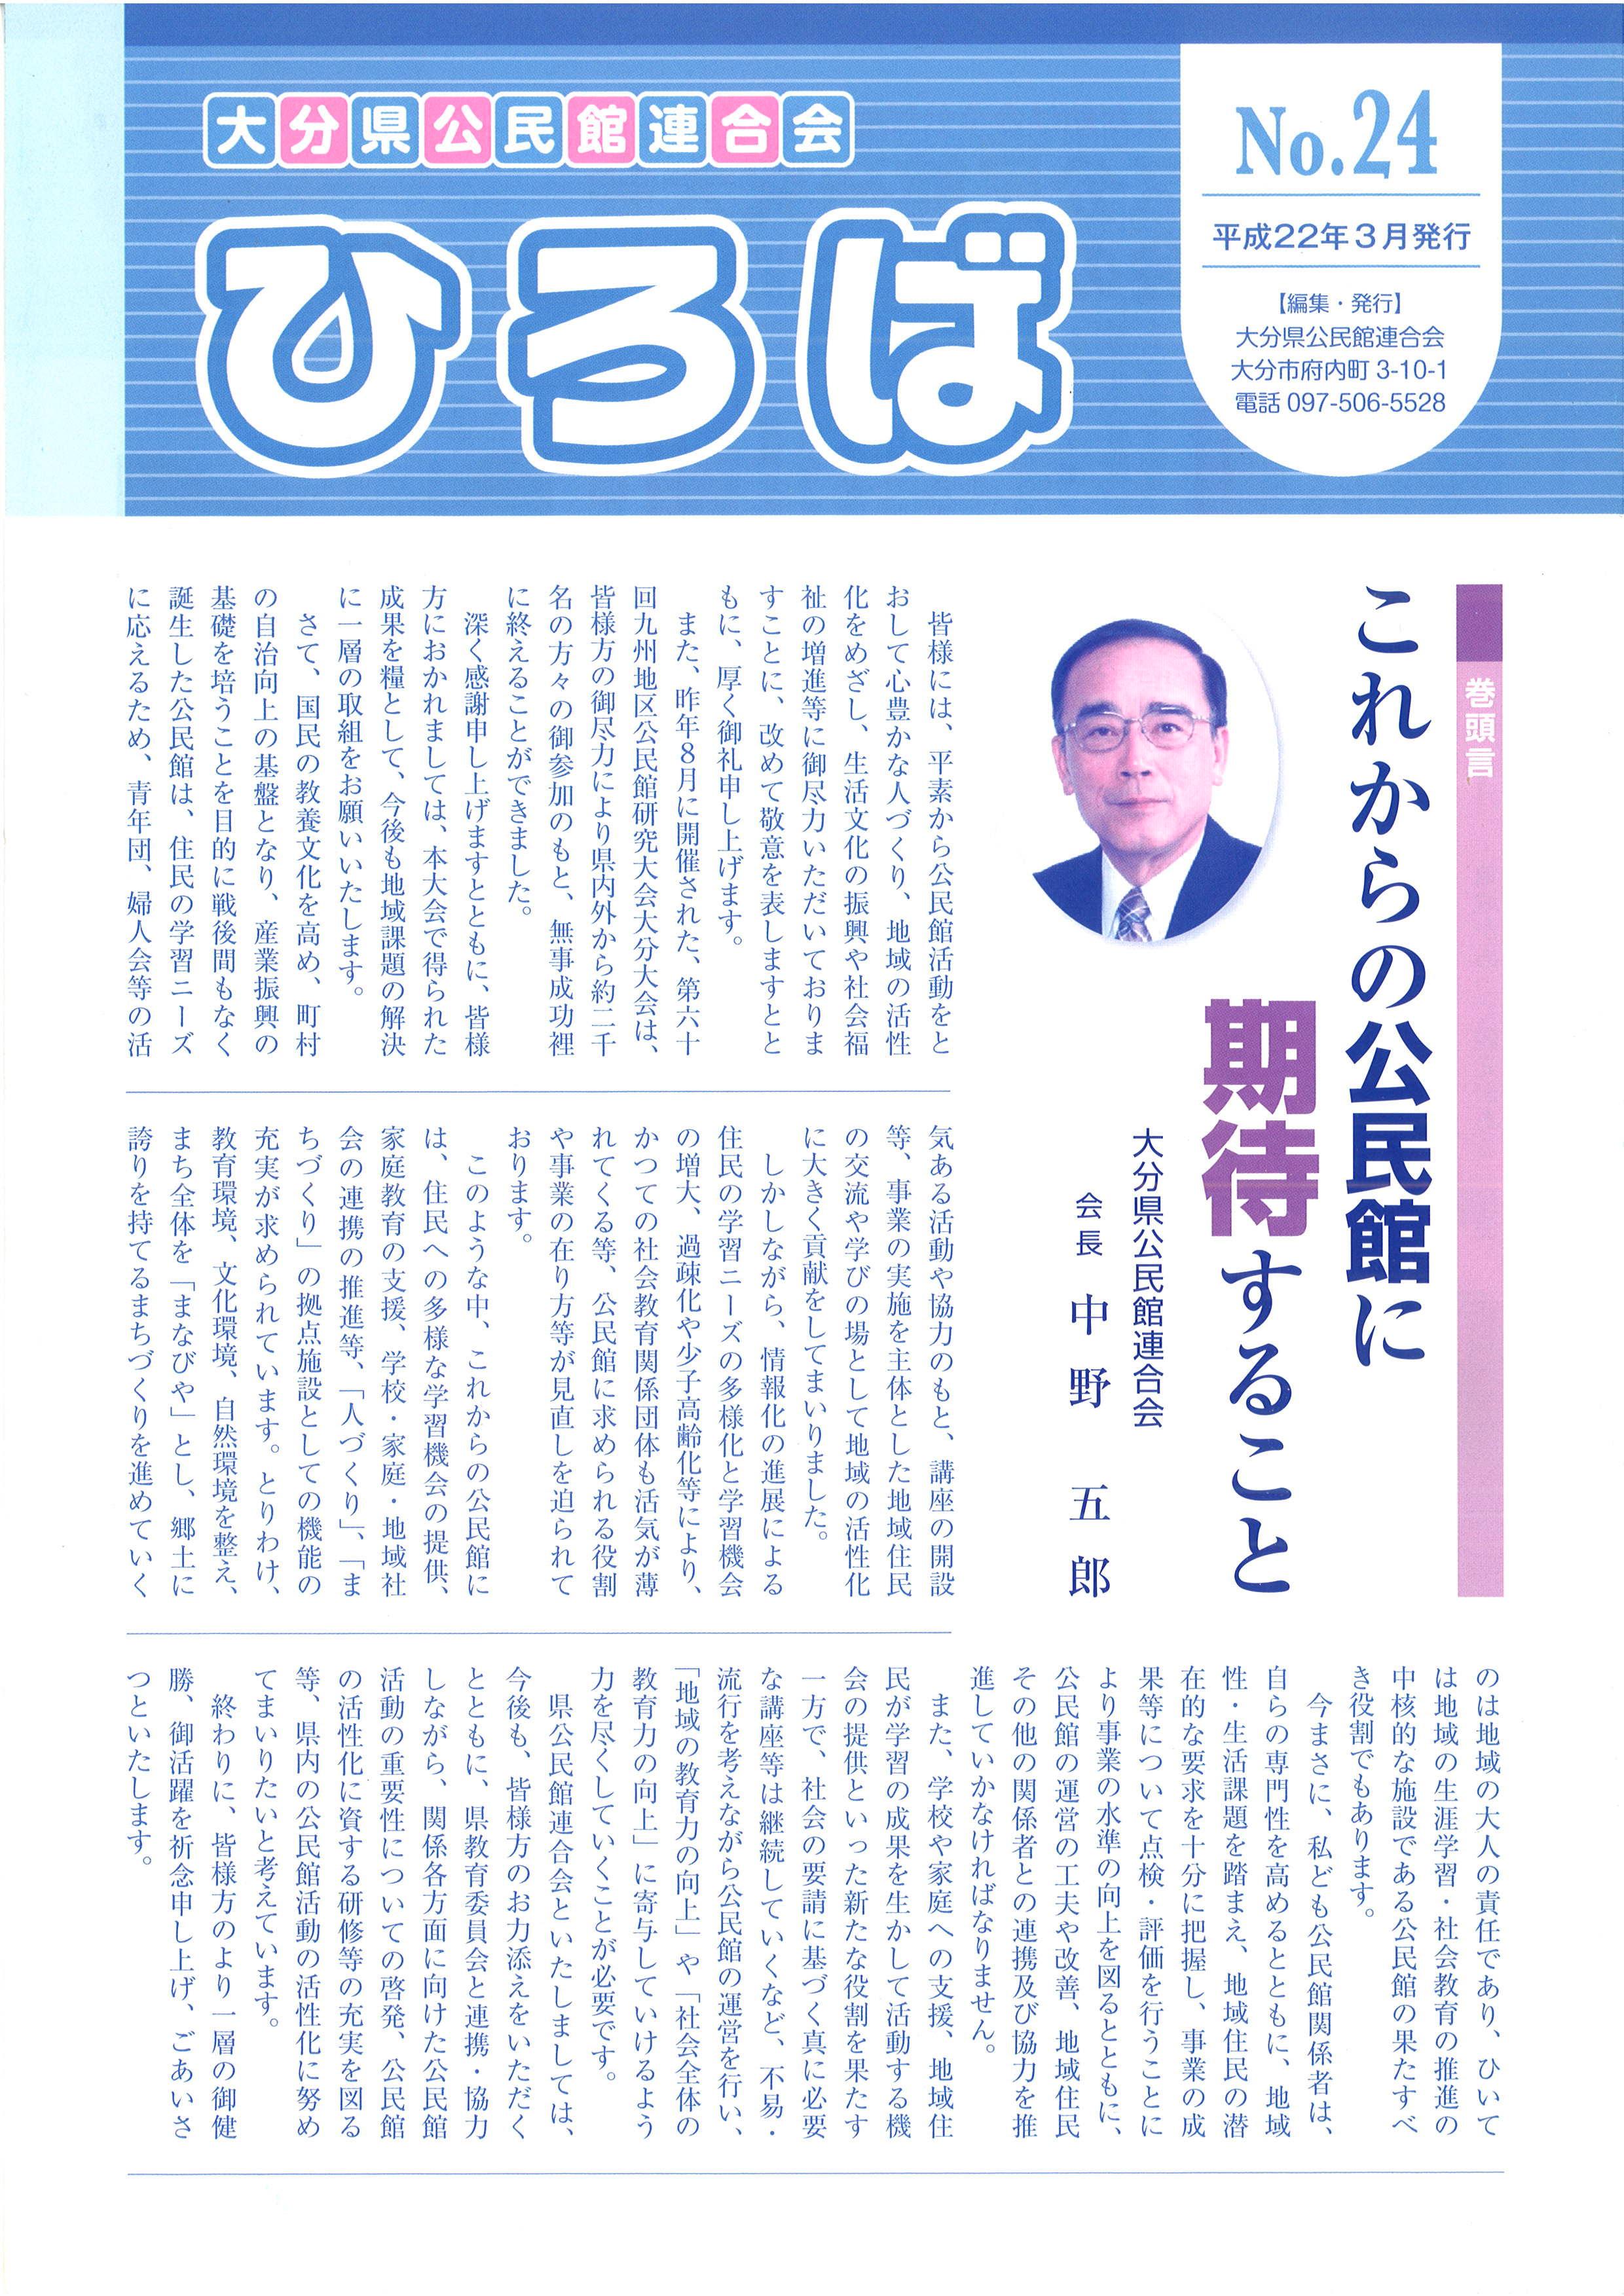 機関誌「ひろば」第24号